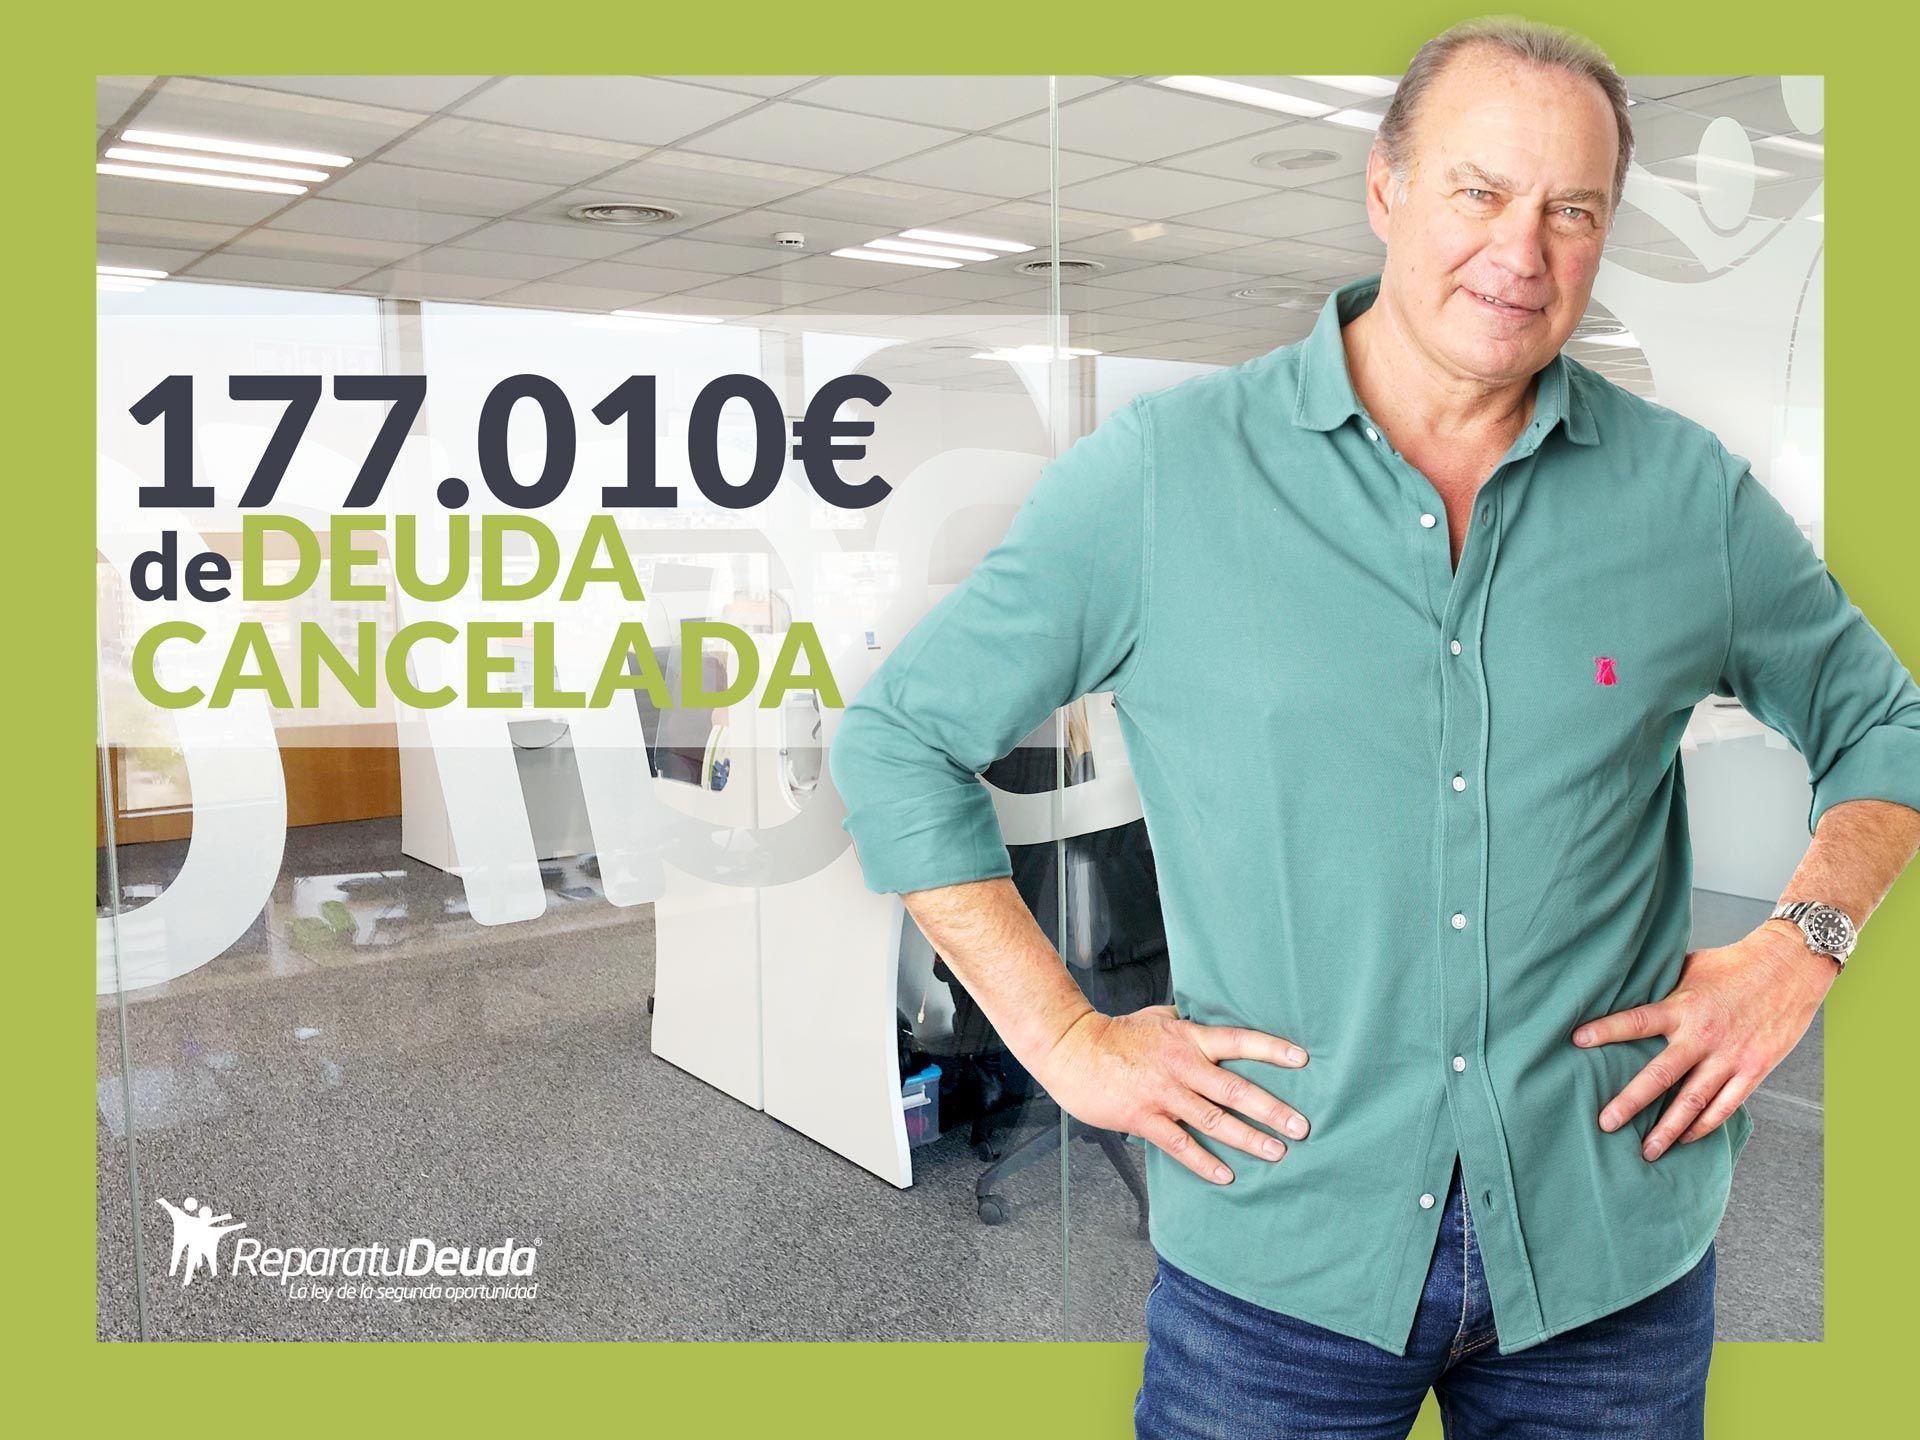 Repara tu Deuda Abogados cancela 177.010 ? en Carcaixent (Valencia) con la Ley de Segunda Oportunidad